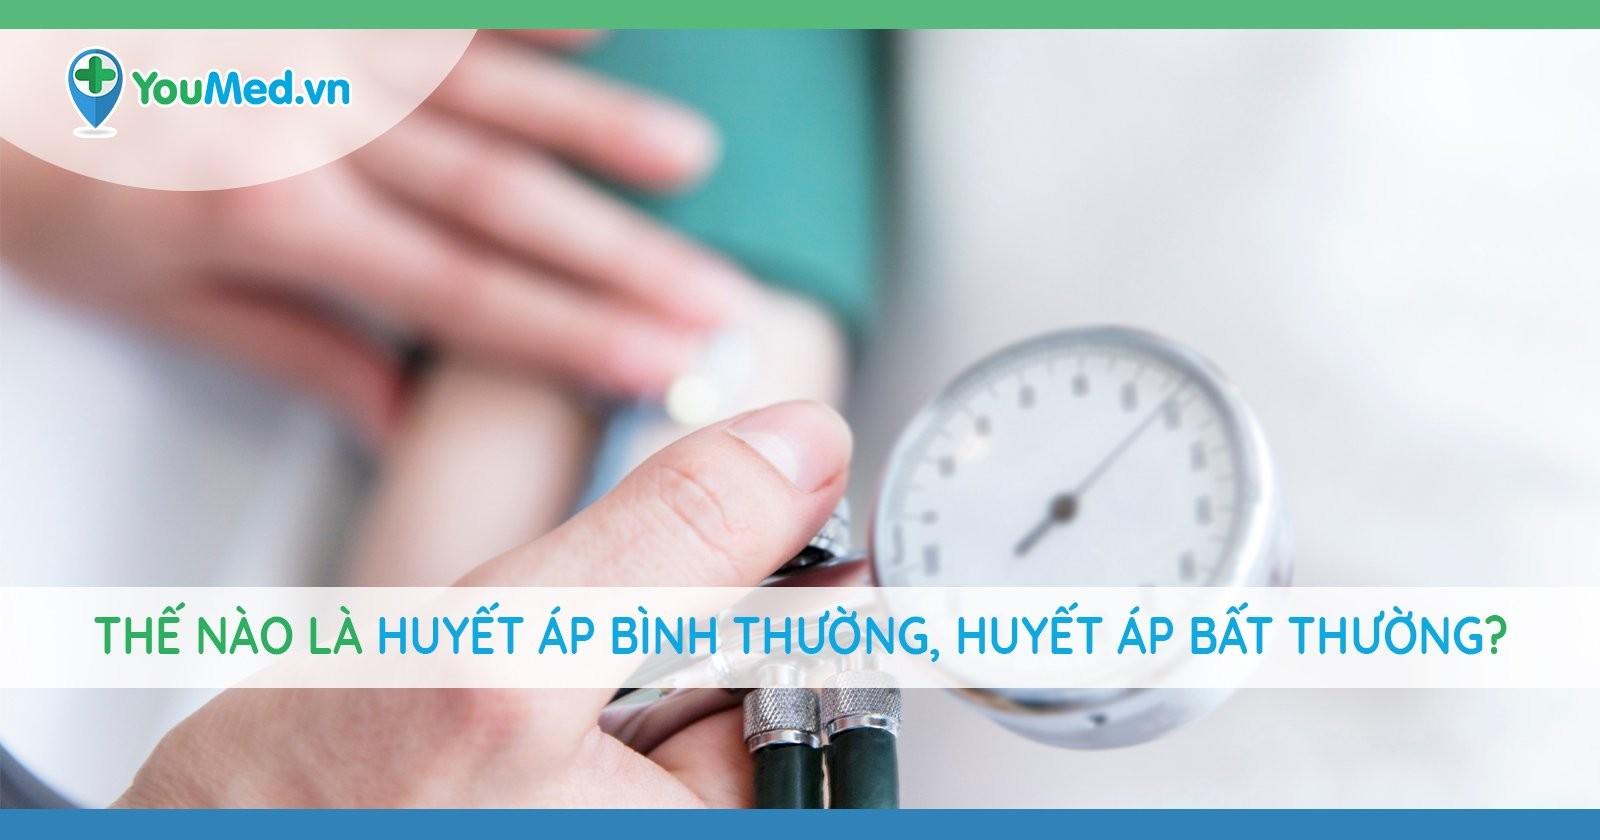 Bạn đã biết thế nào là huyết áp bình thường, huyết áp bất thường?